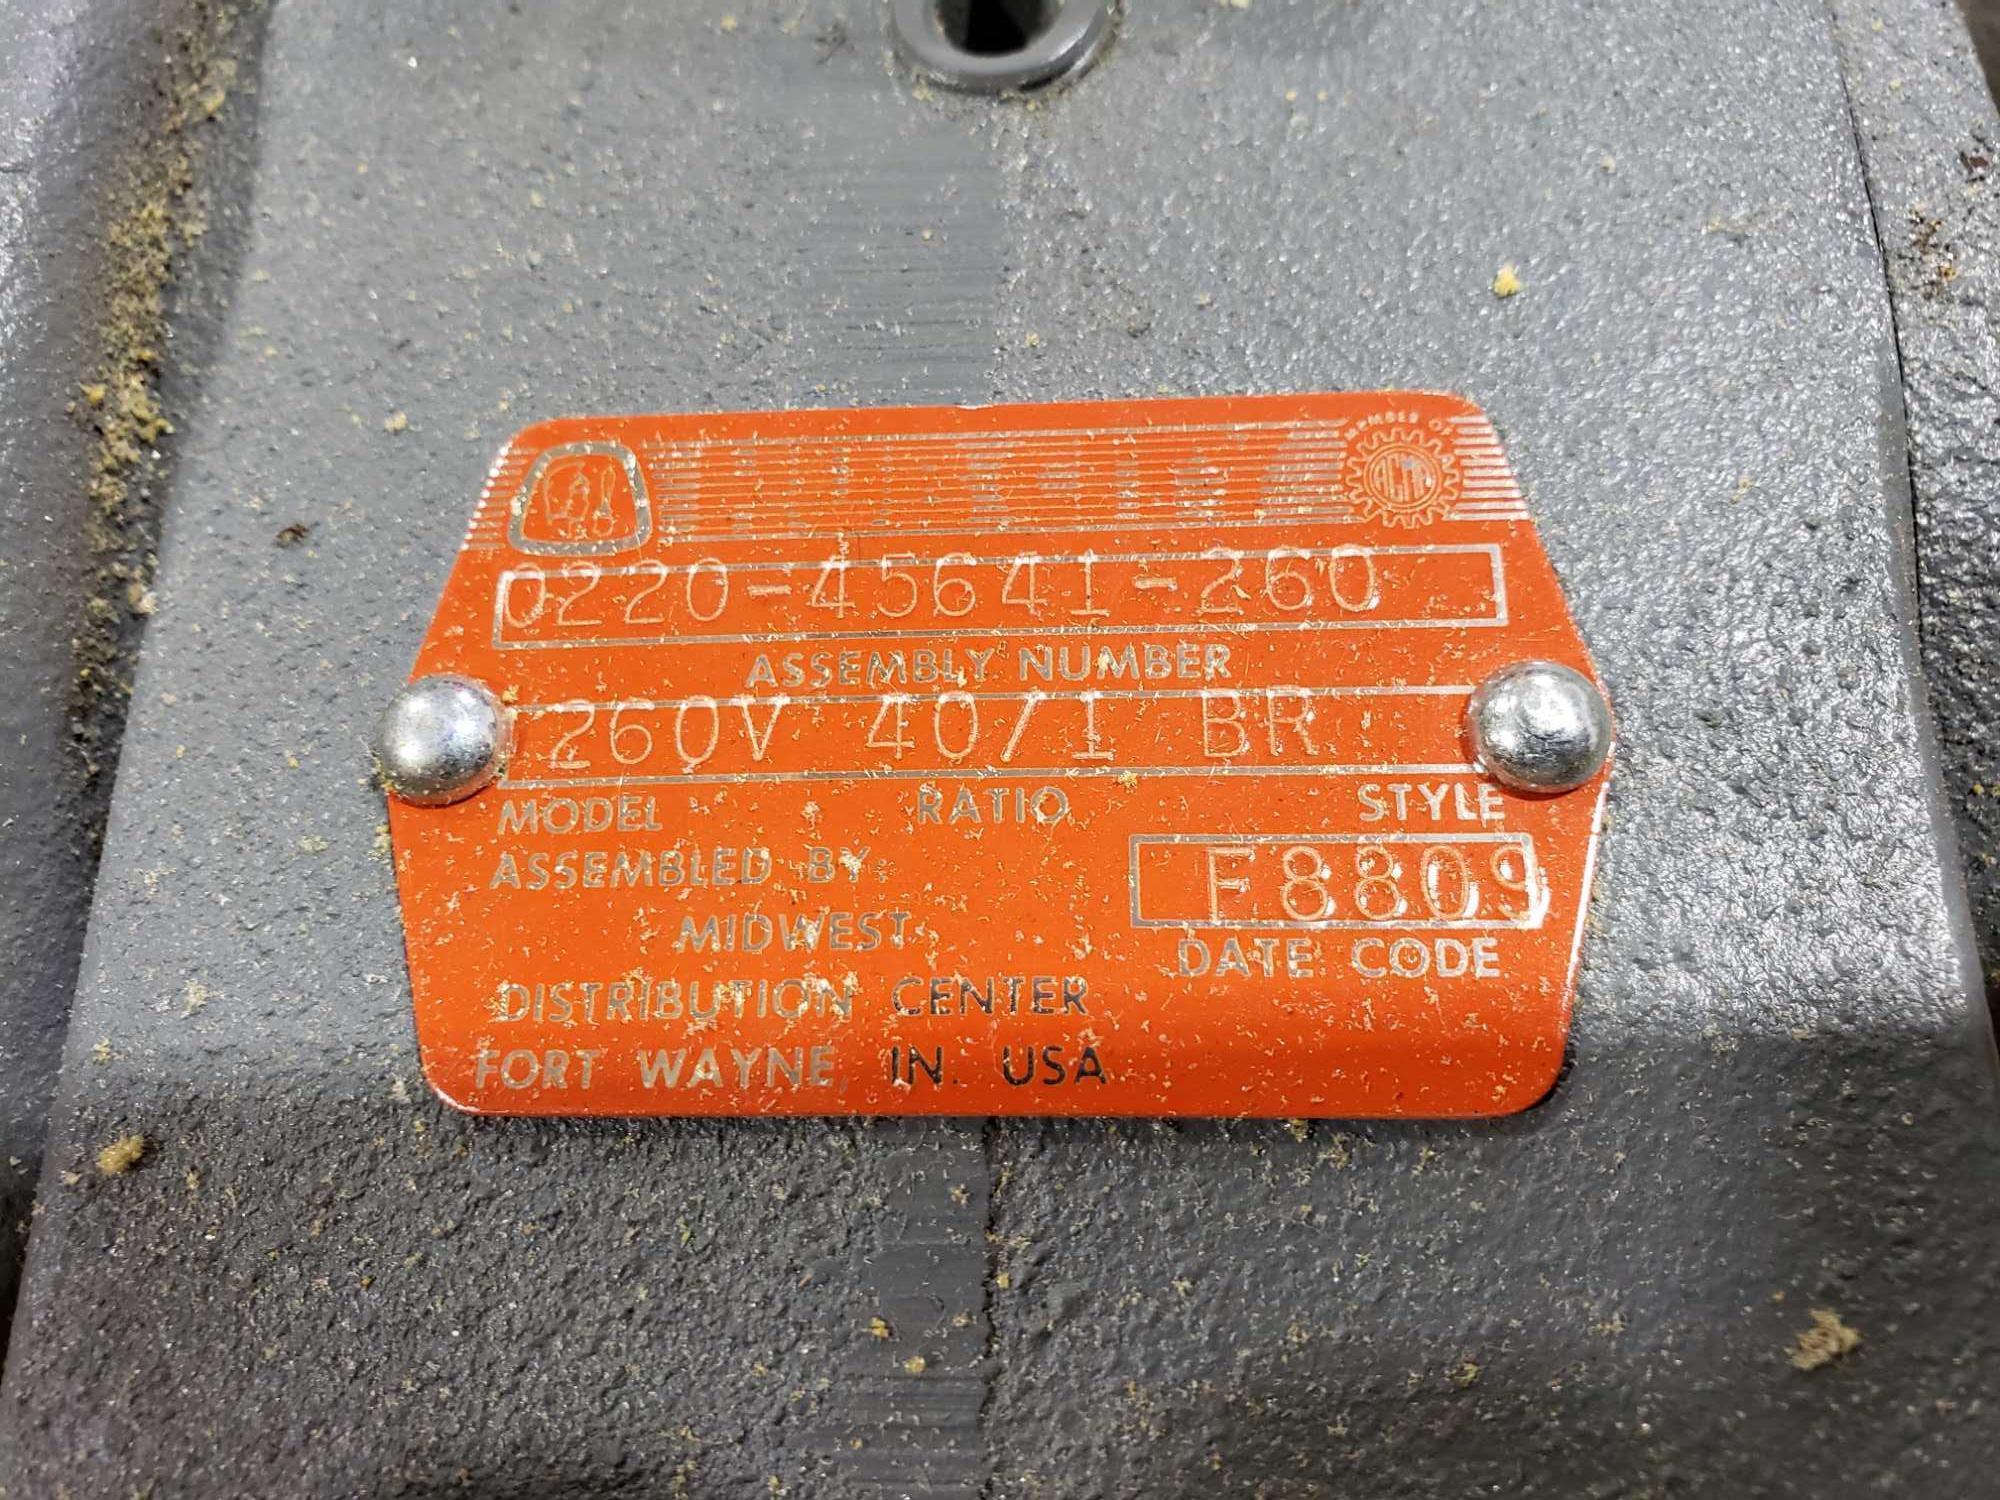 Lot 48 - Hub City model 260V, ratio 40/1 BR. New in box.